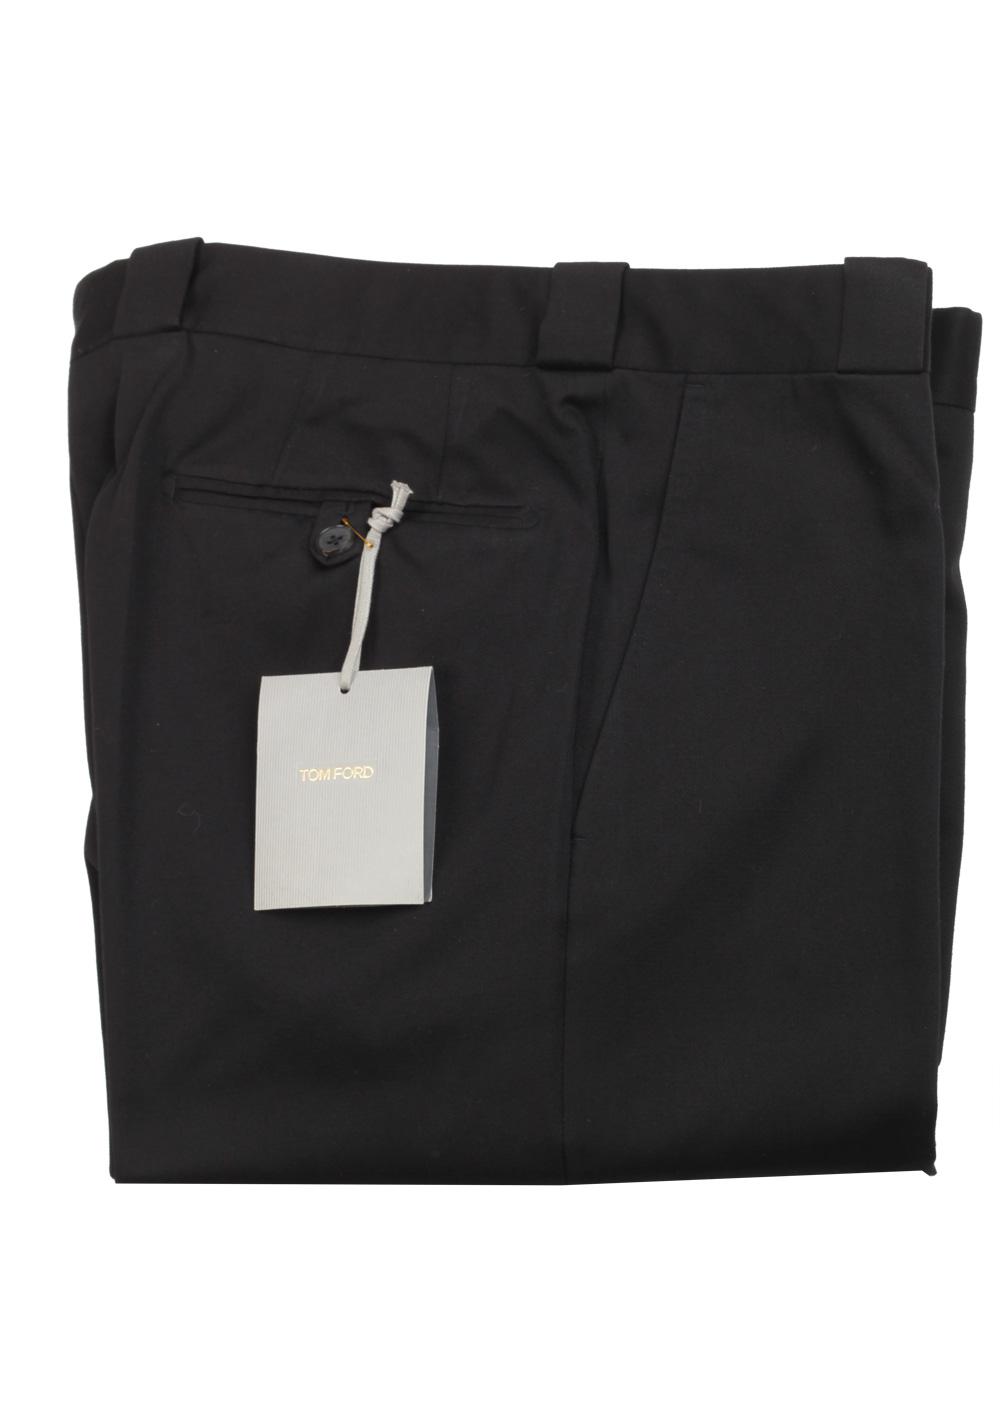 TOM FORD Black Cotton Trousers Size 52 / 36 U.S. | Costume Limité